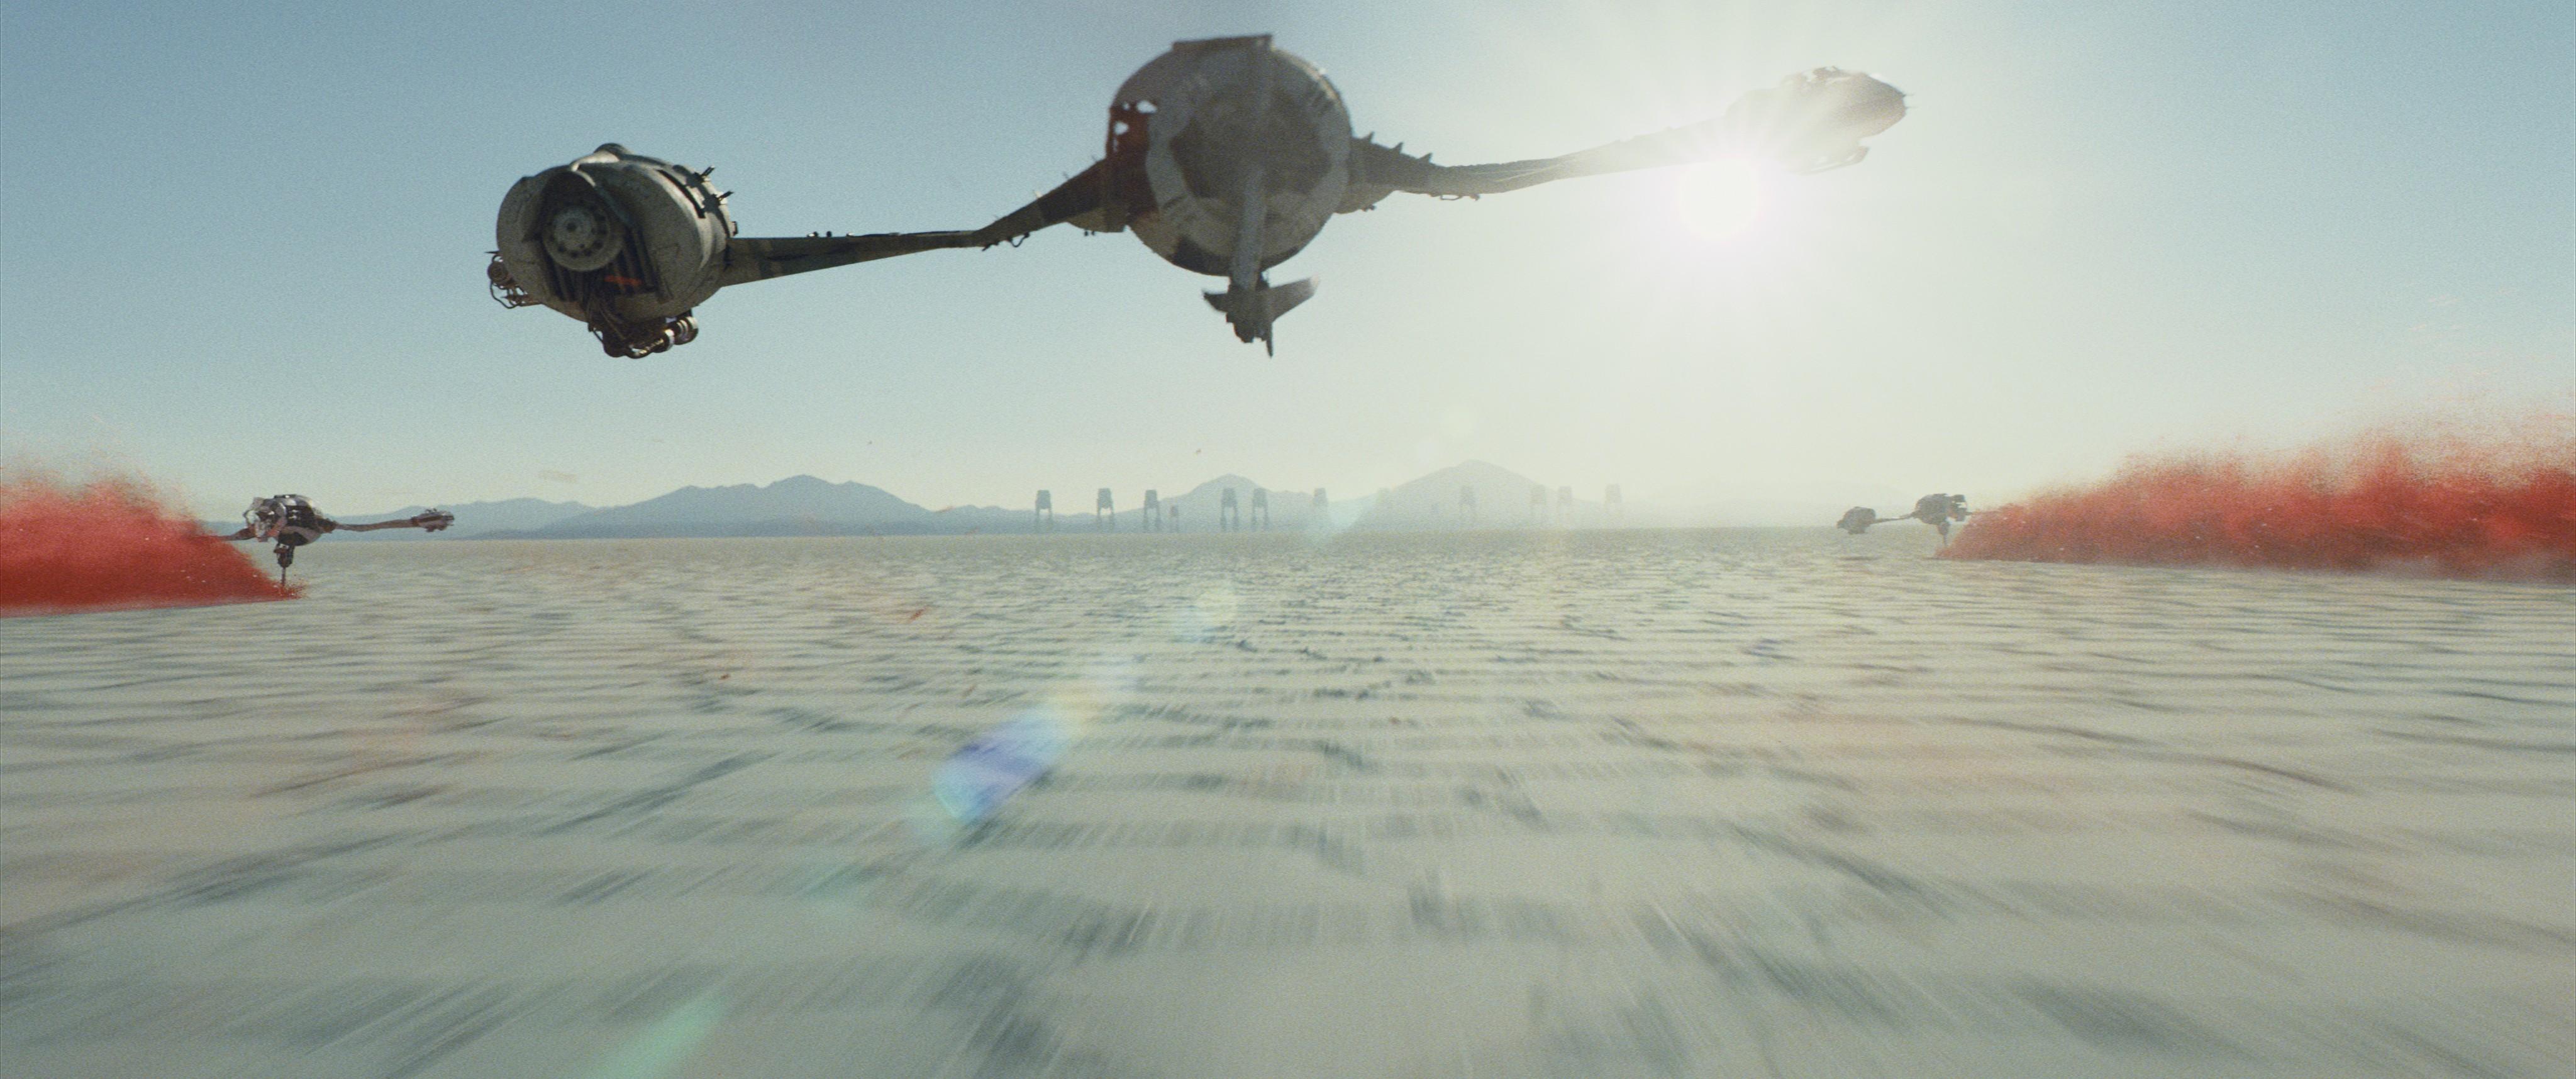 кадры из фильма Звёздные Войны: Последние джедаи